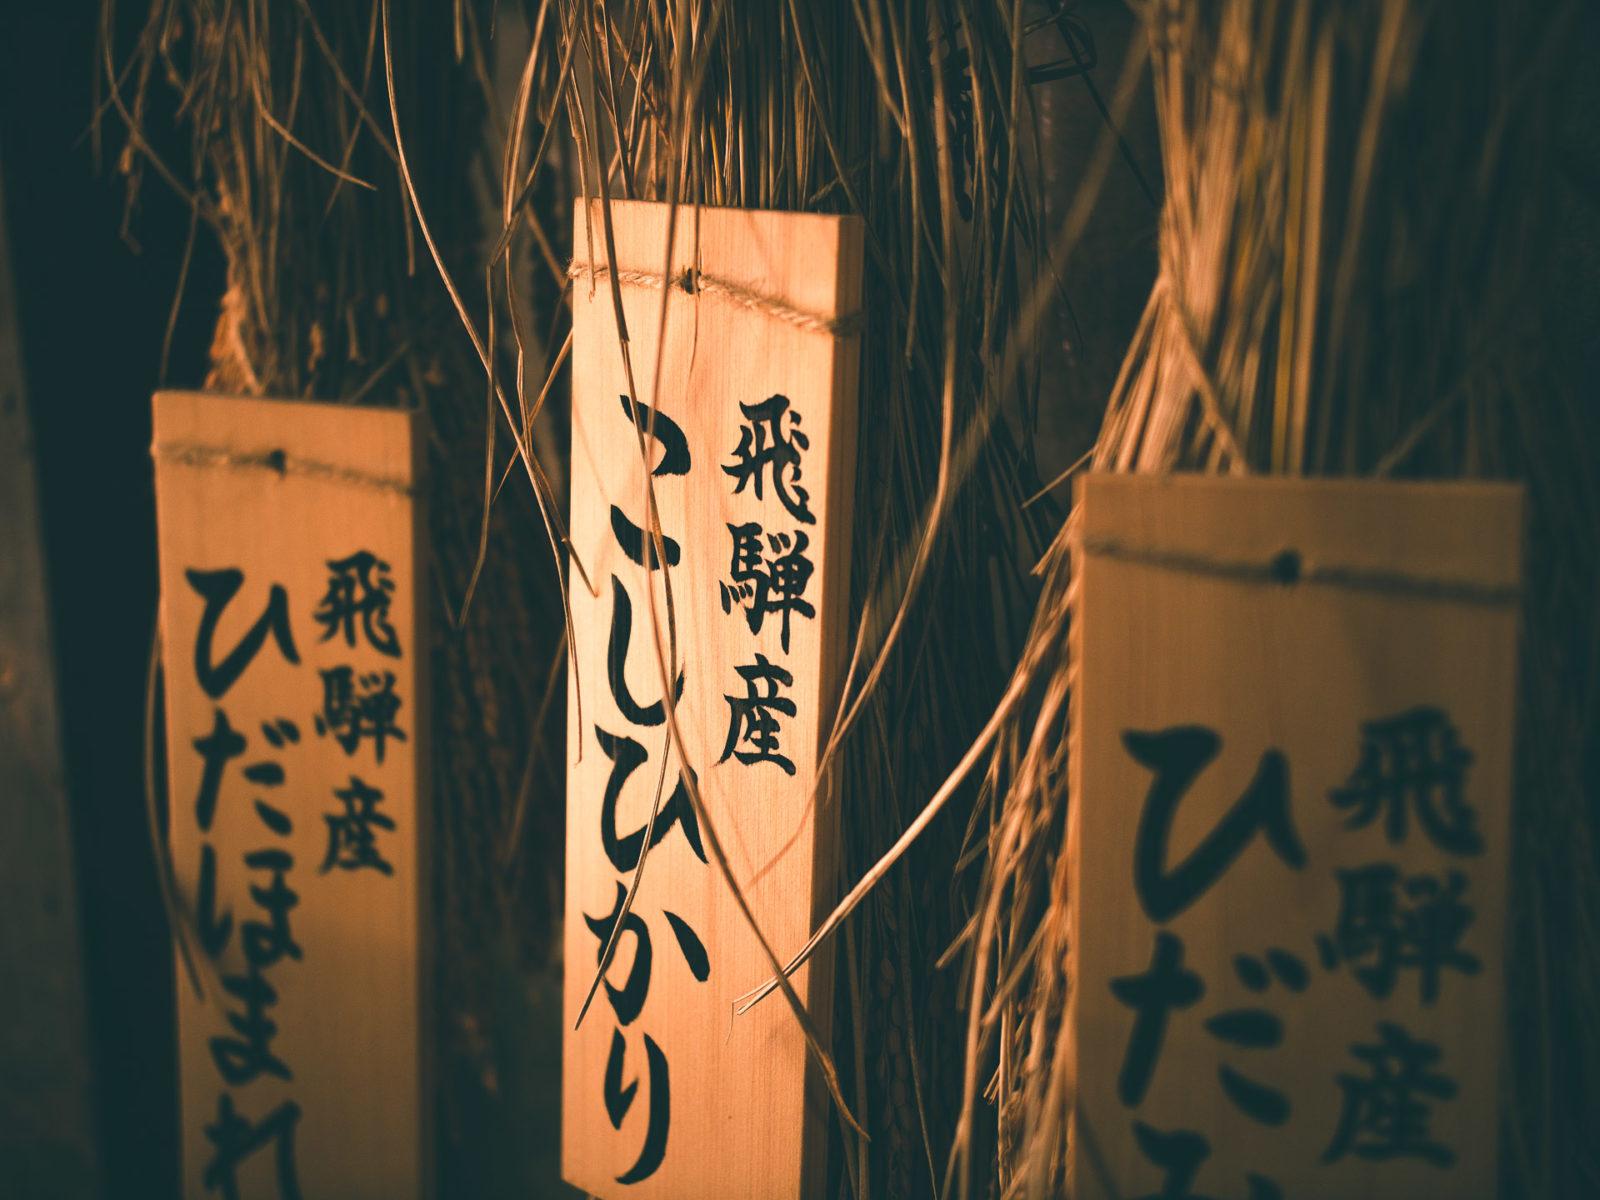 1600942432 518 Hida Furukawa camina en Japon inspiracion de Your Name